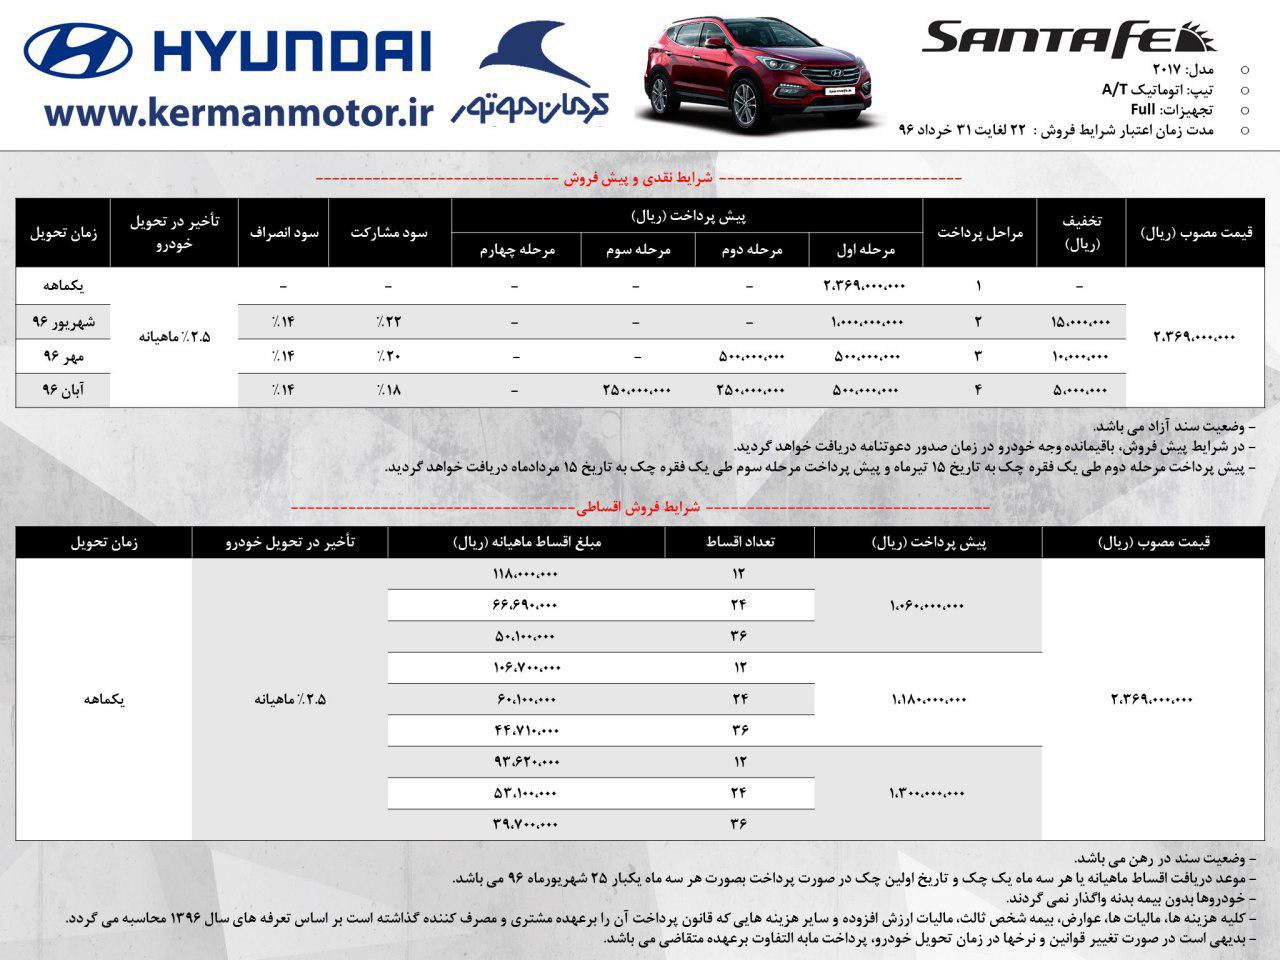 قیمت موتور کامل سانتافه